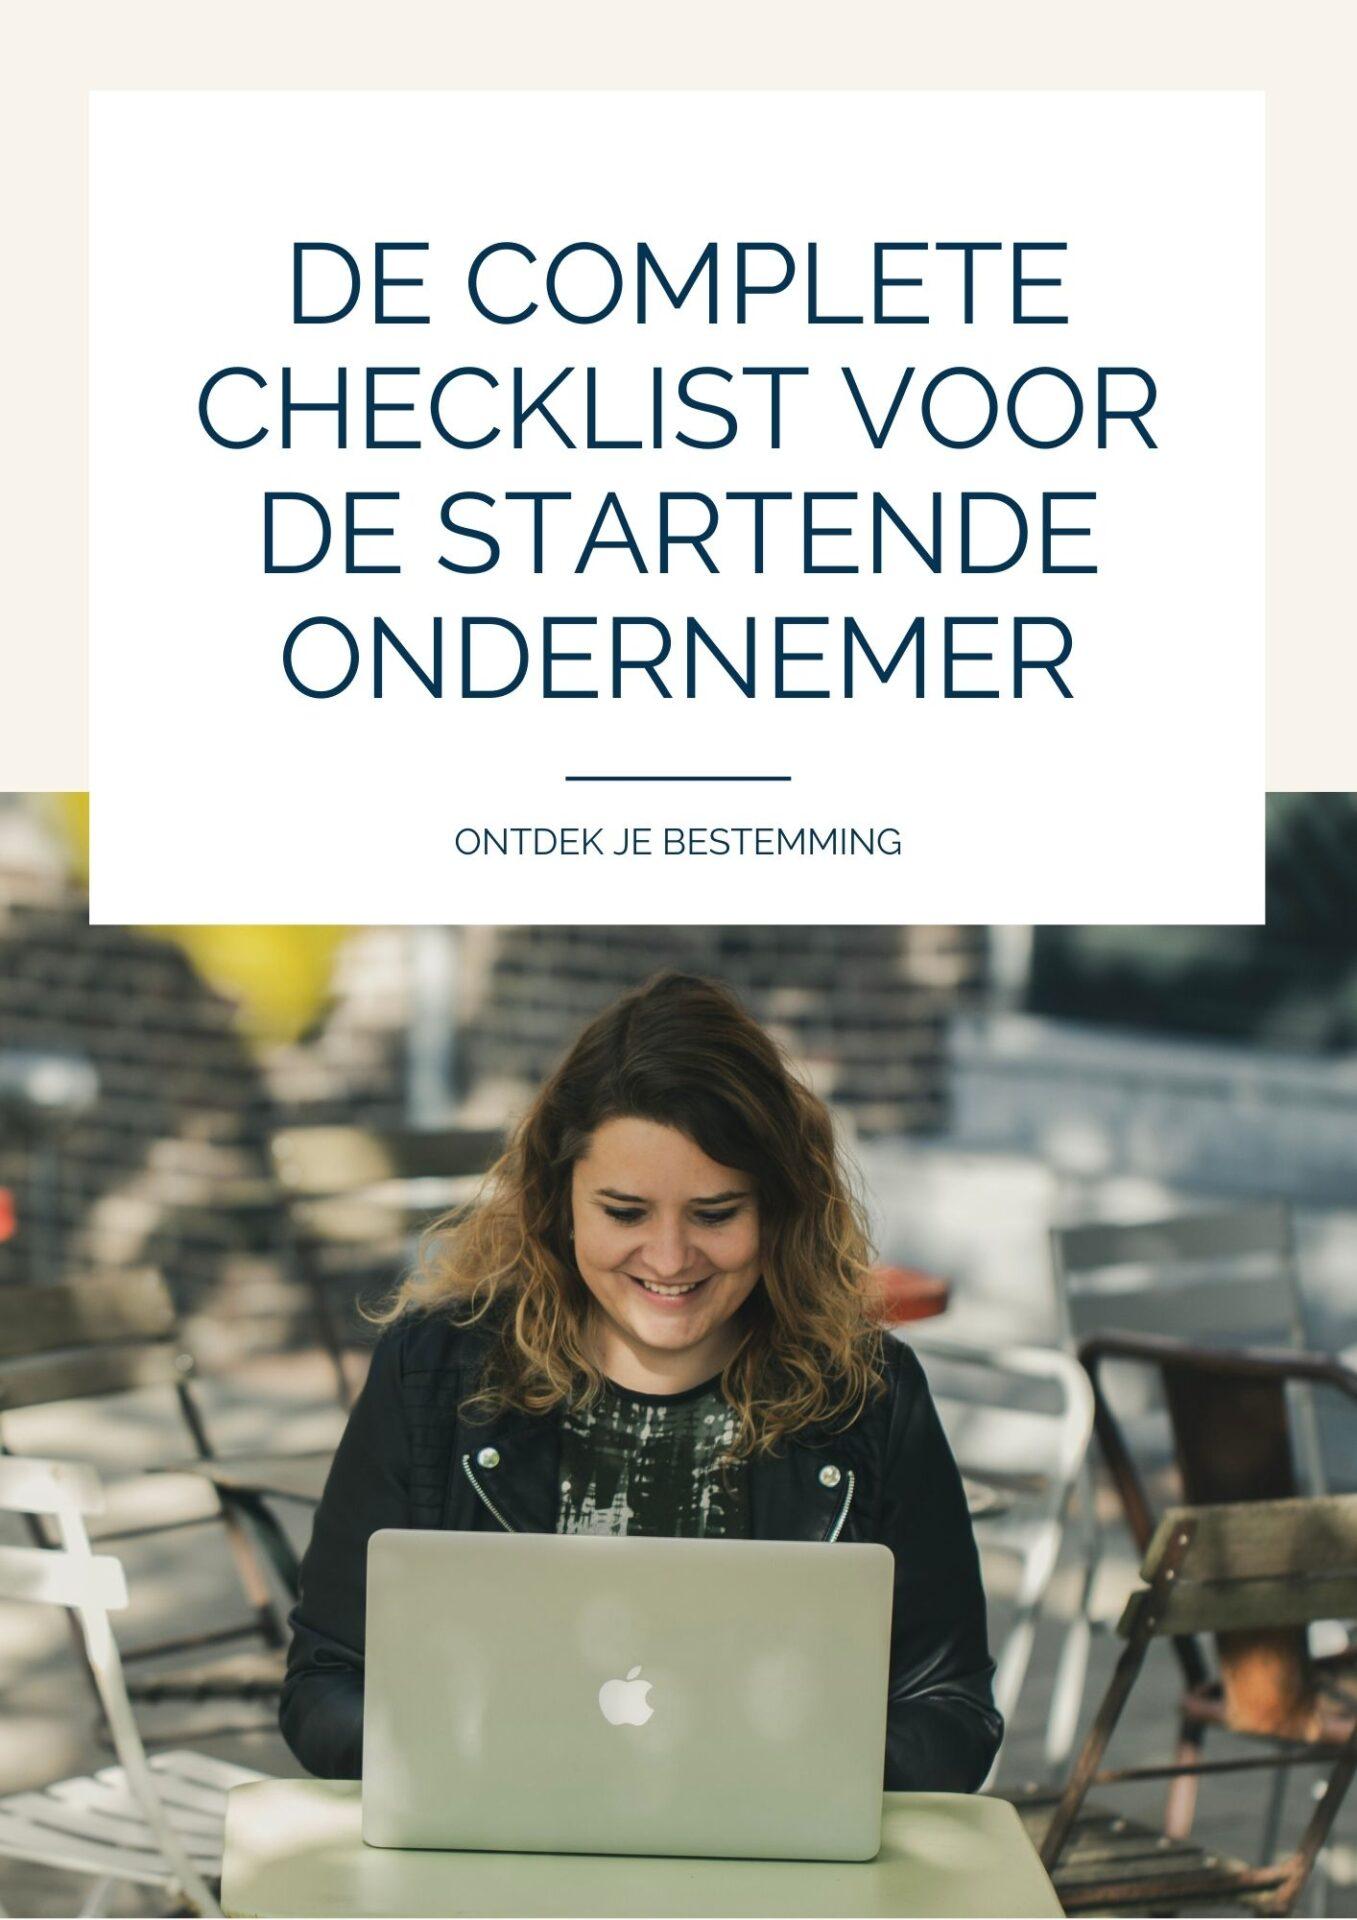 Checklist voor startende ondernemers